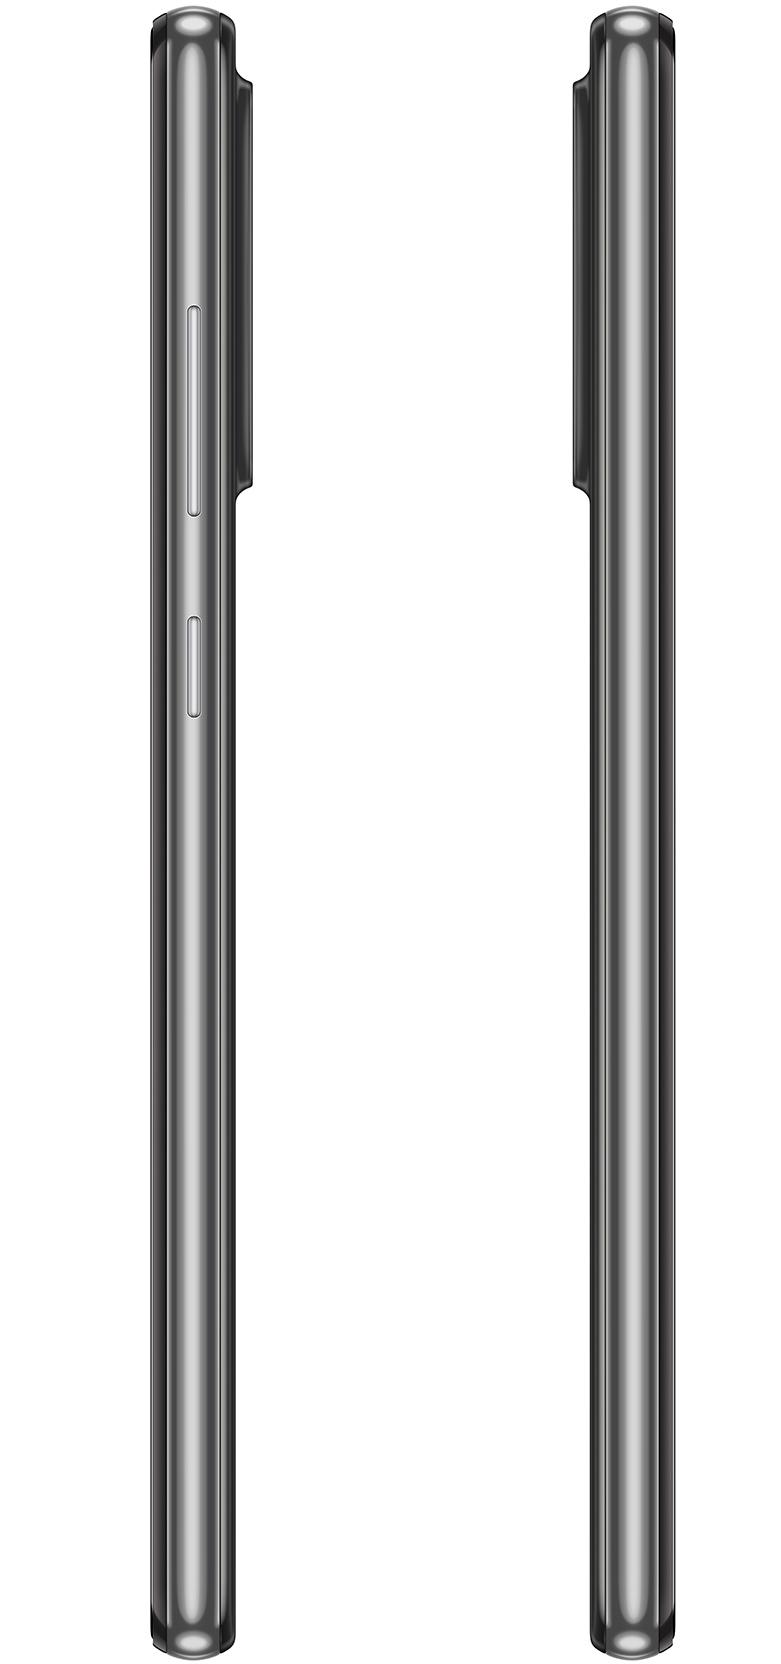 Samsung Galaxy A72 DS (SM-A725) 256GB Black - 5